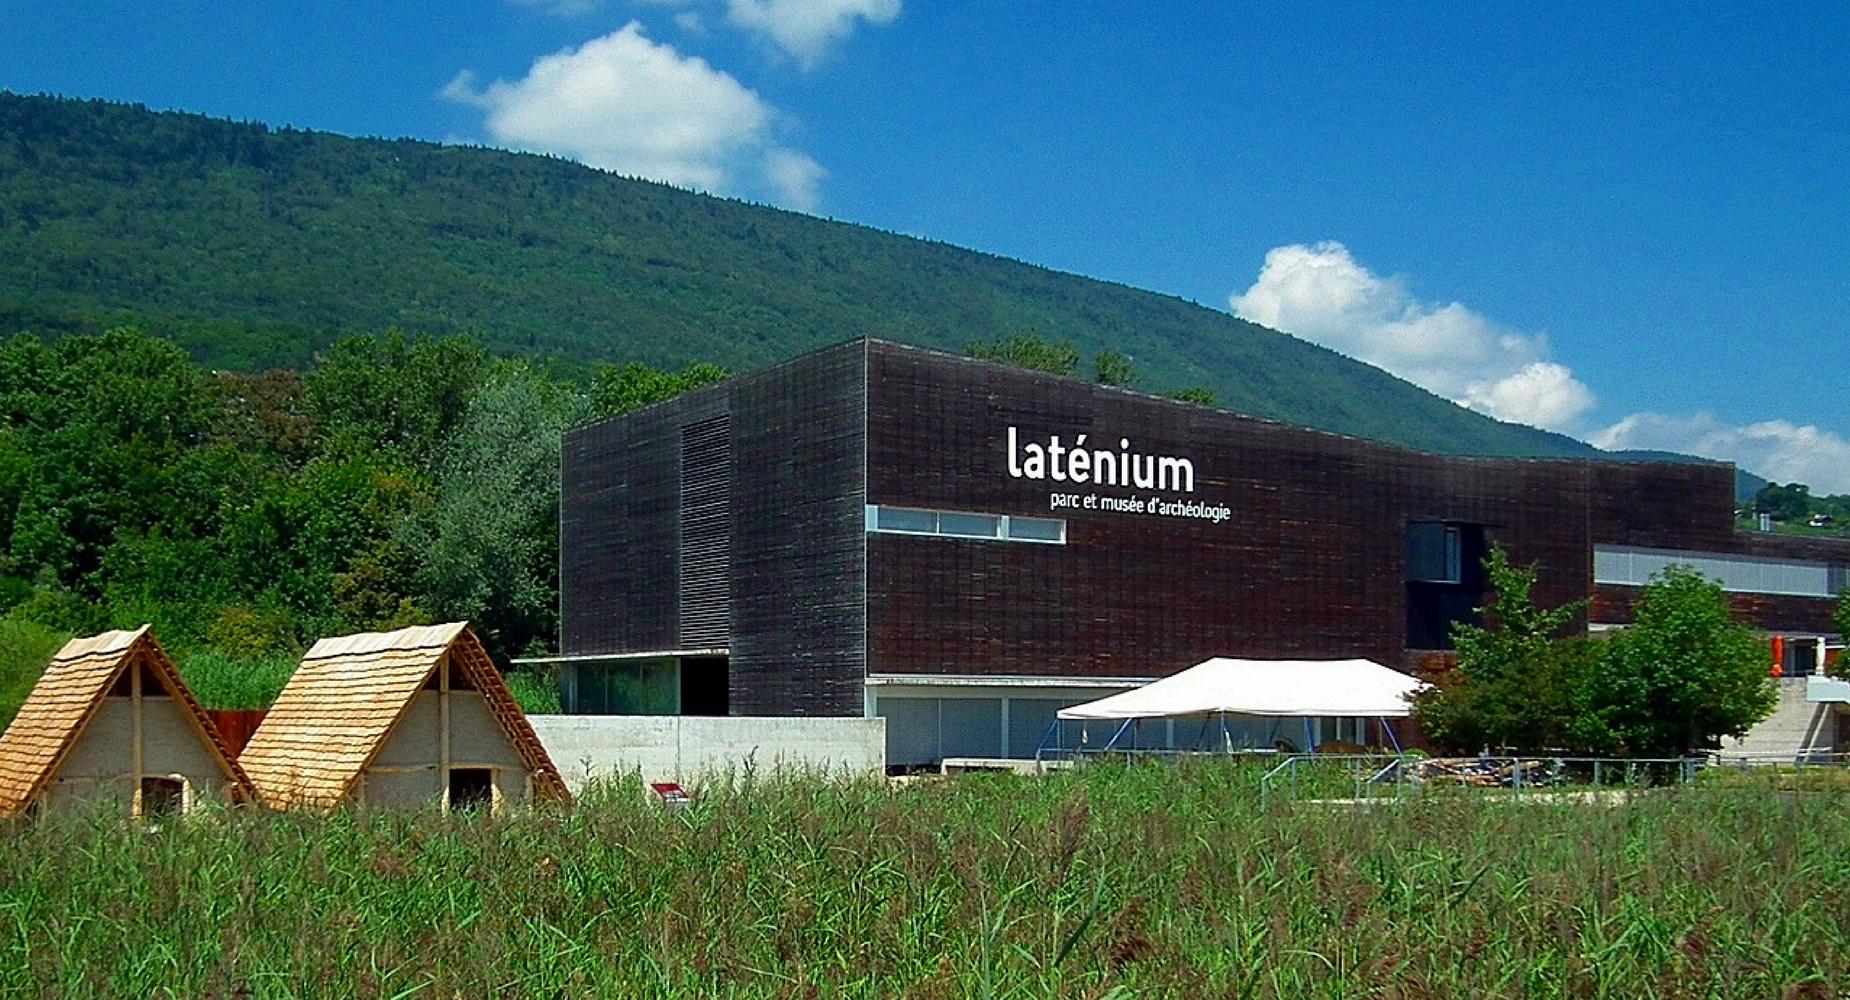 Visite  du Laténium à Hauterive – Neuchâtel